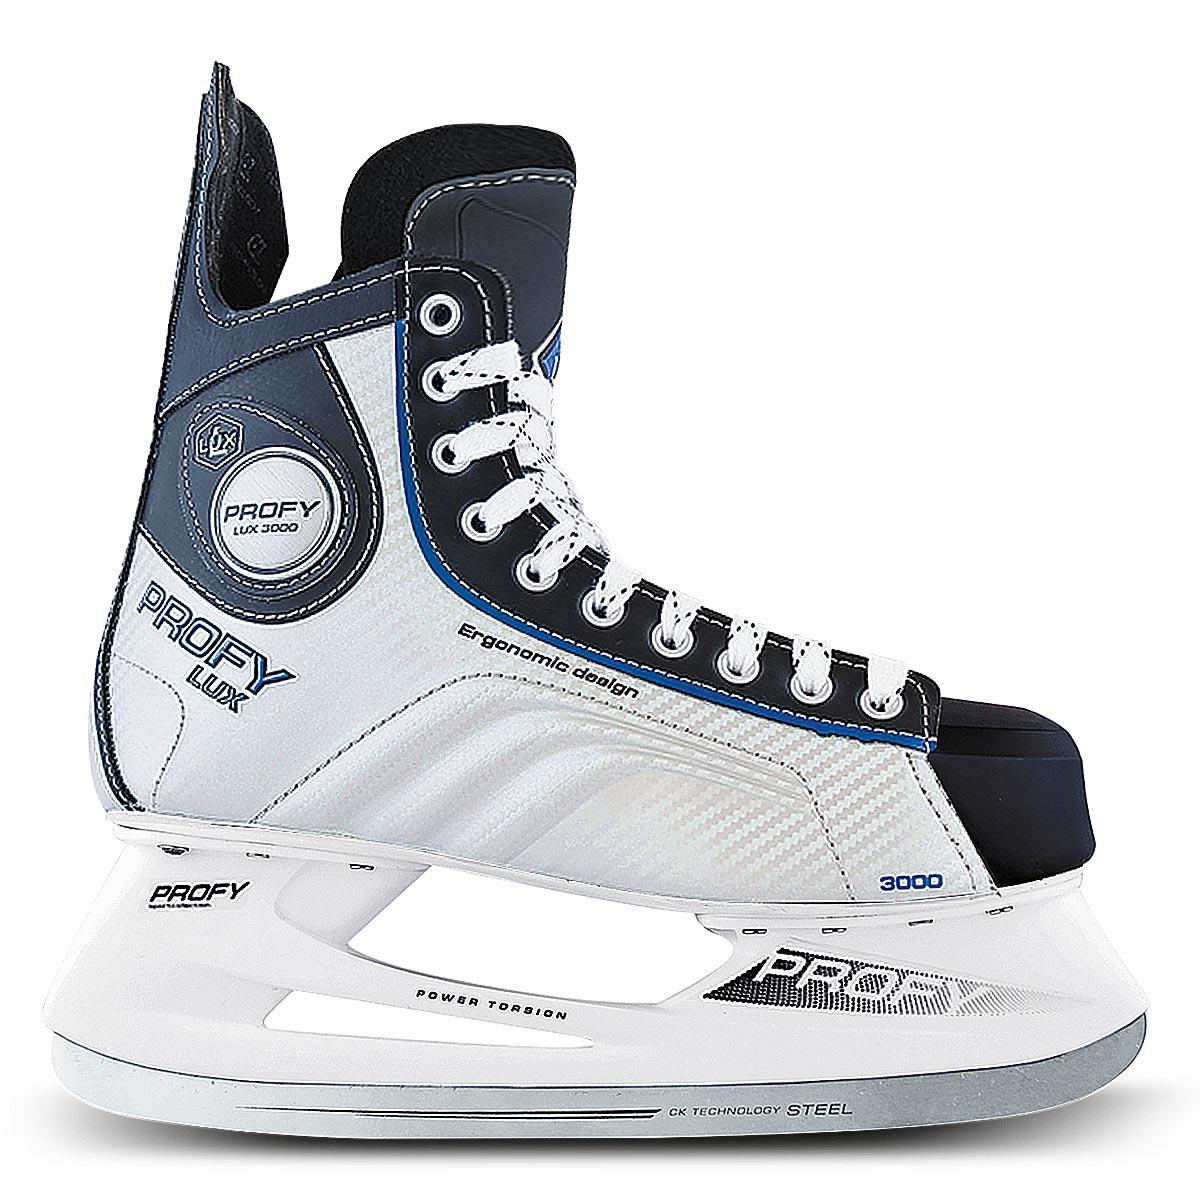 Коньки хоккейные мужские СК Profy Lux 3000, цвет: черный, серебряный, синий. Размер 41 PROFY LUX 3000 Blue_41